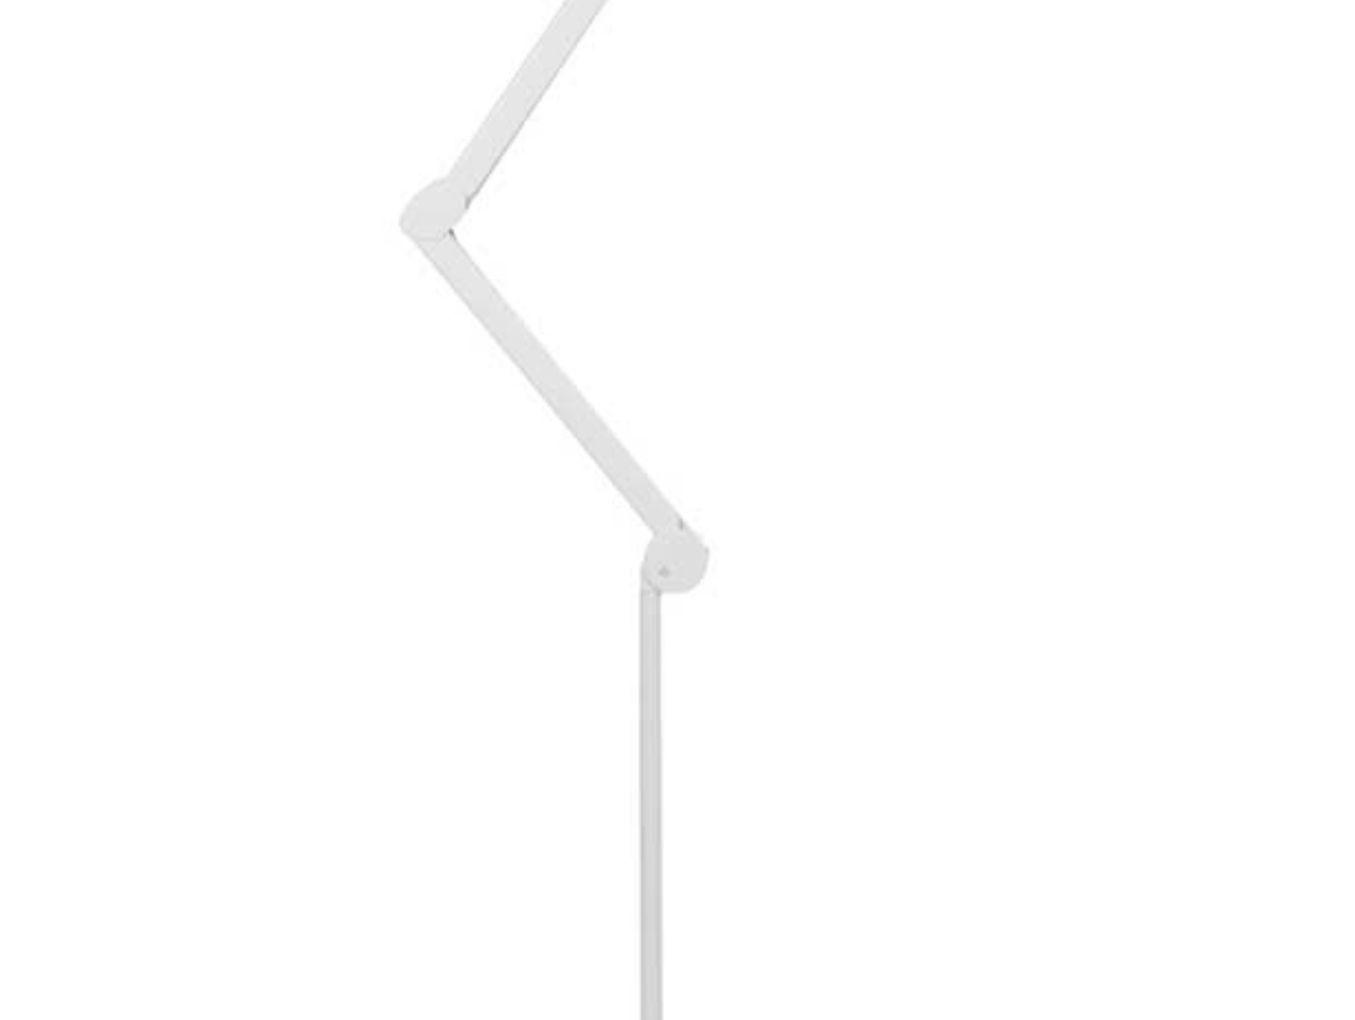 Lampada led lente ingrandimentio 5 diottrie estetista studio medico dermatologo